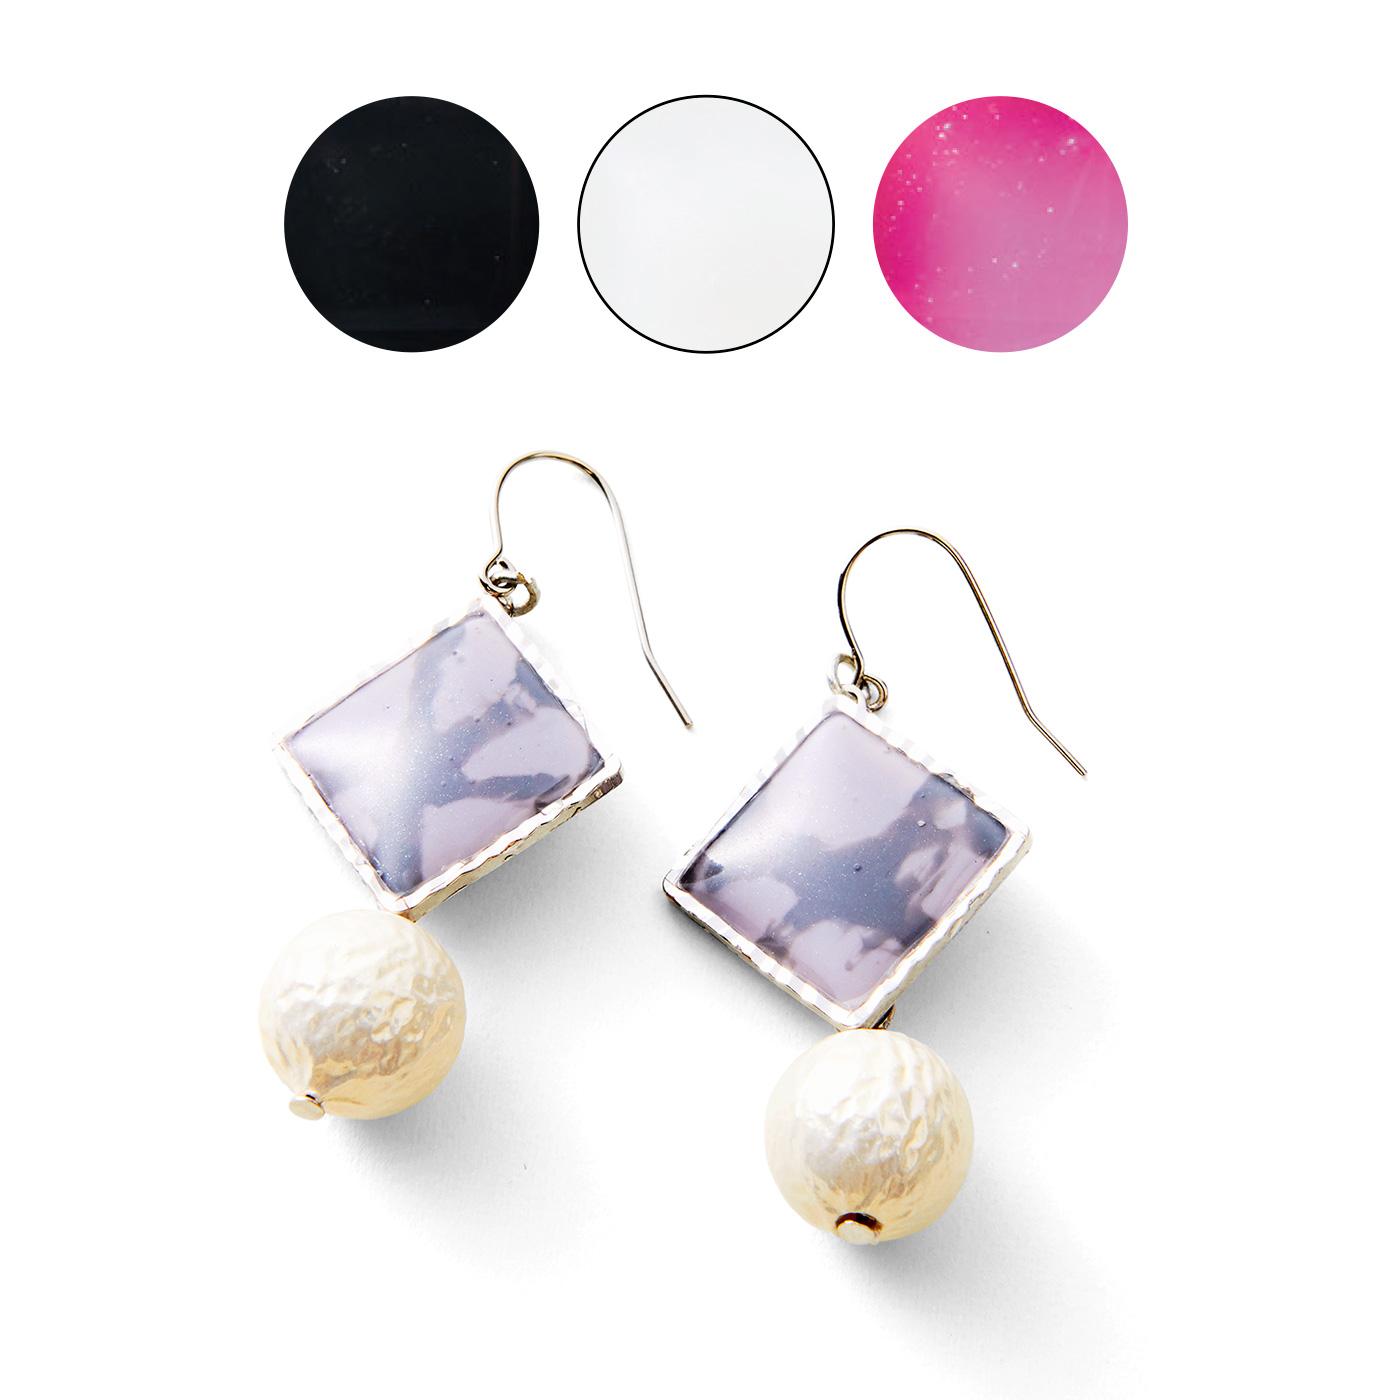 シティーカラー〈ブラック〉〈ホワイト〉〈ピンク〉 大理石風アレンジ ※アレンジ作品例のチェーン・ブローチピン・ピアス金具はお届け内容に含まれません。 ※ホワイトは「マリンカラー」と「シティーカラー」共通です。